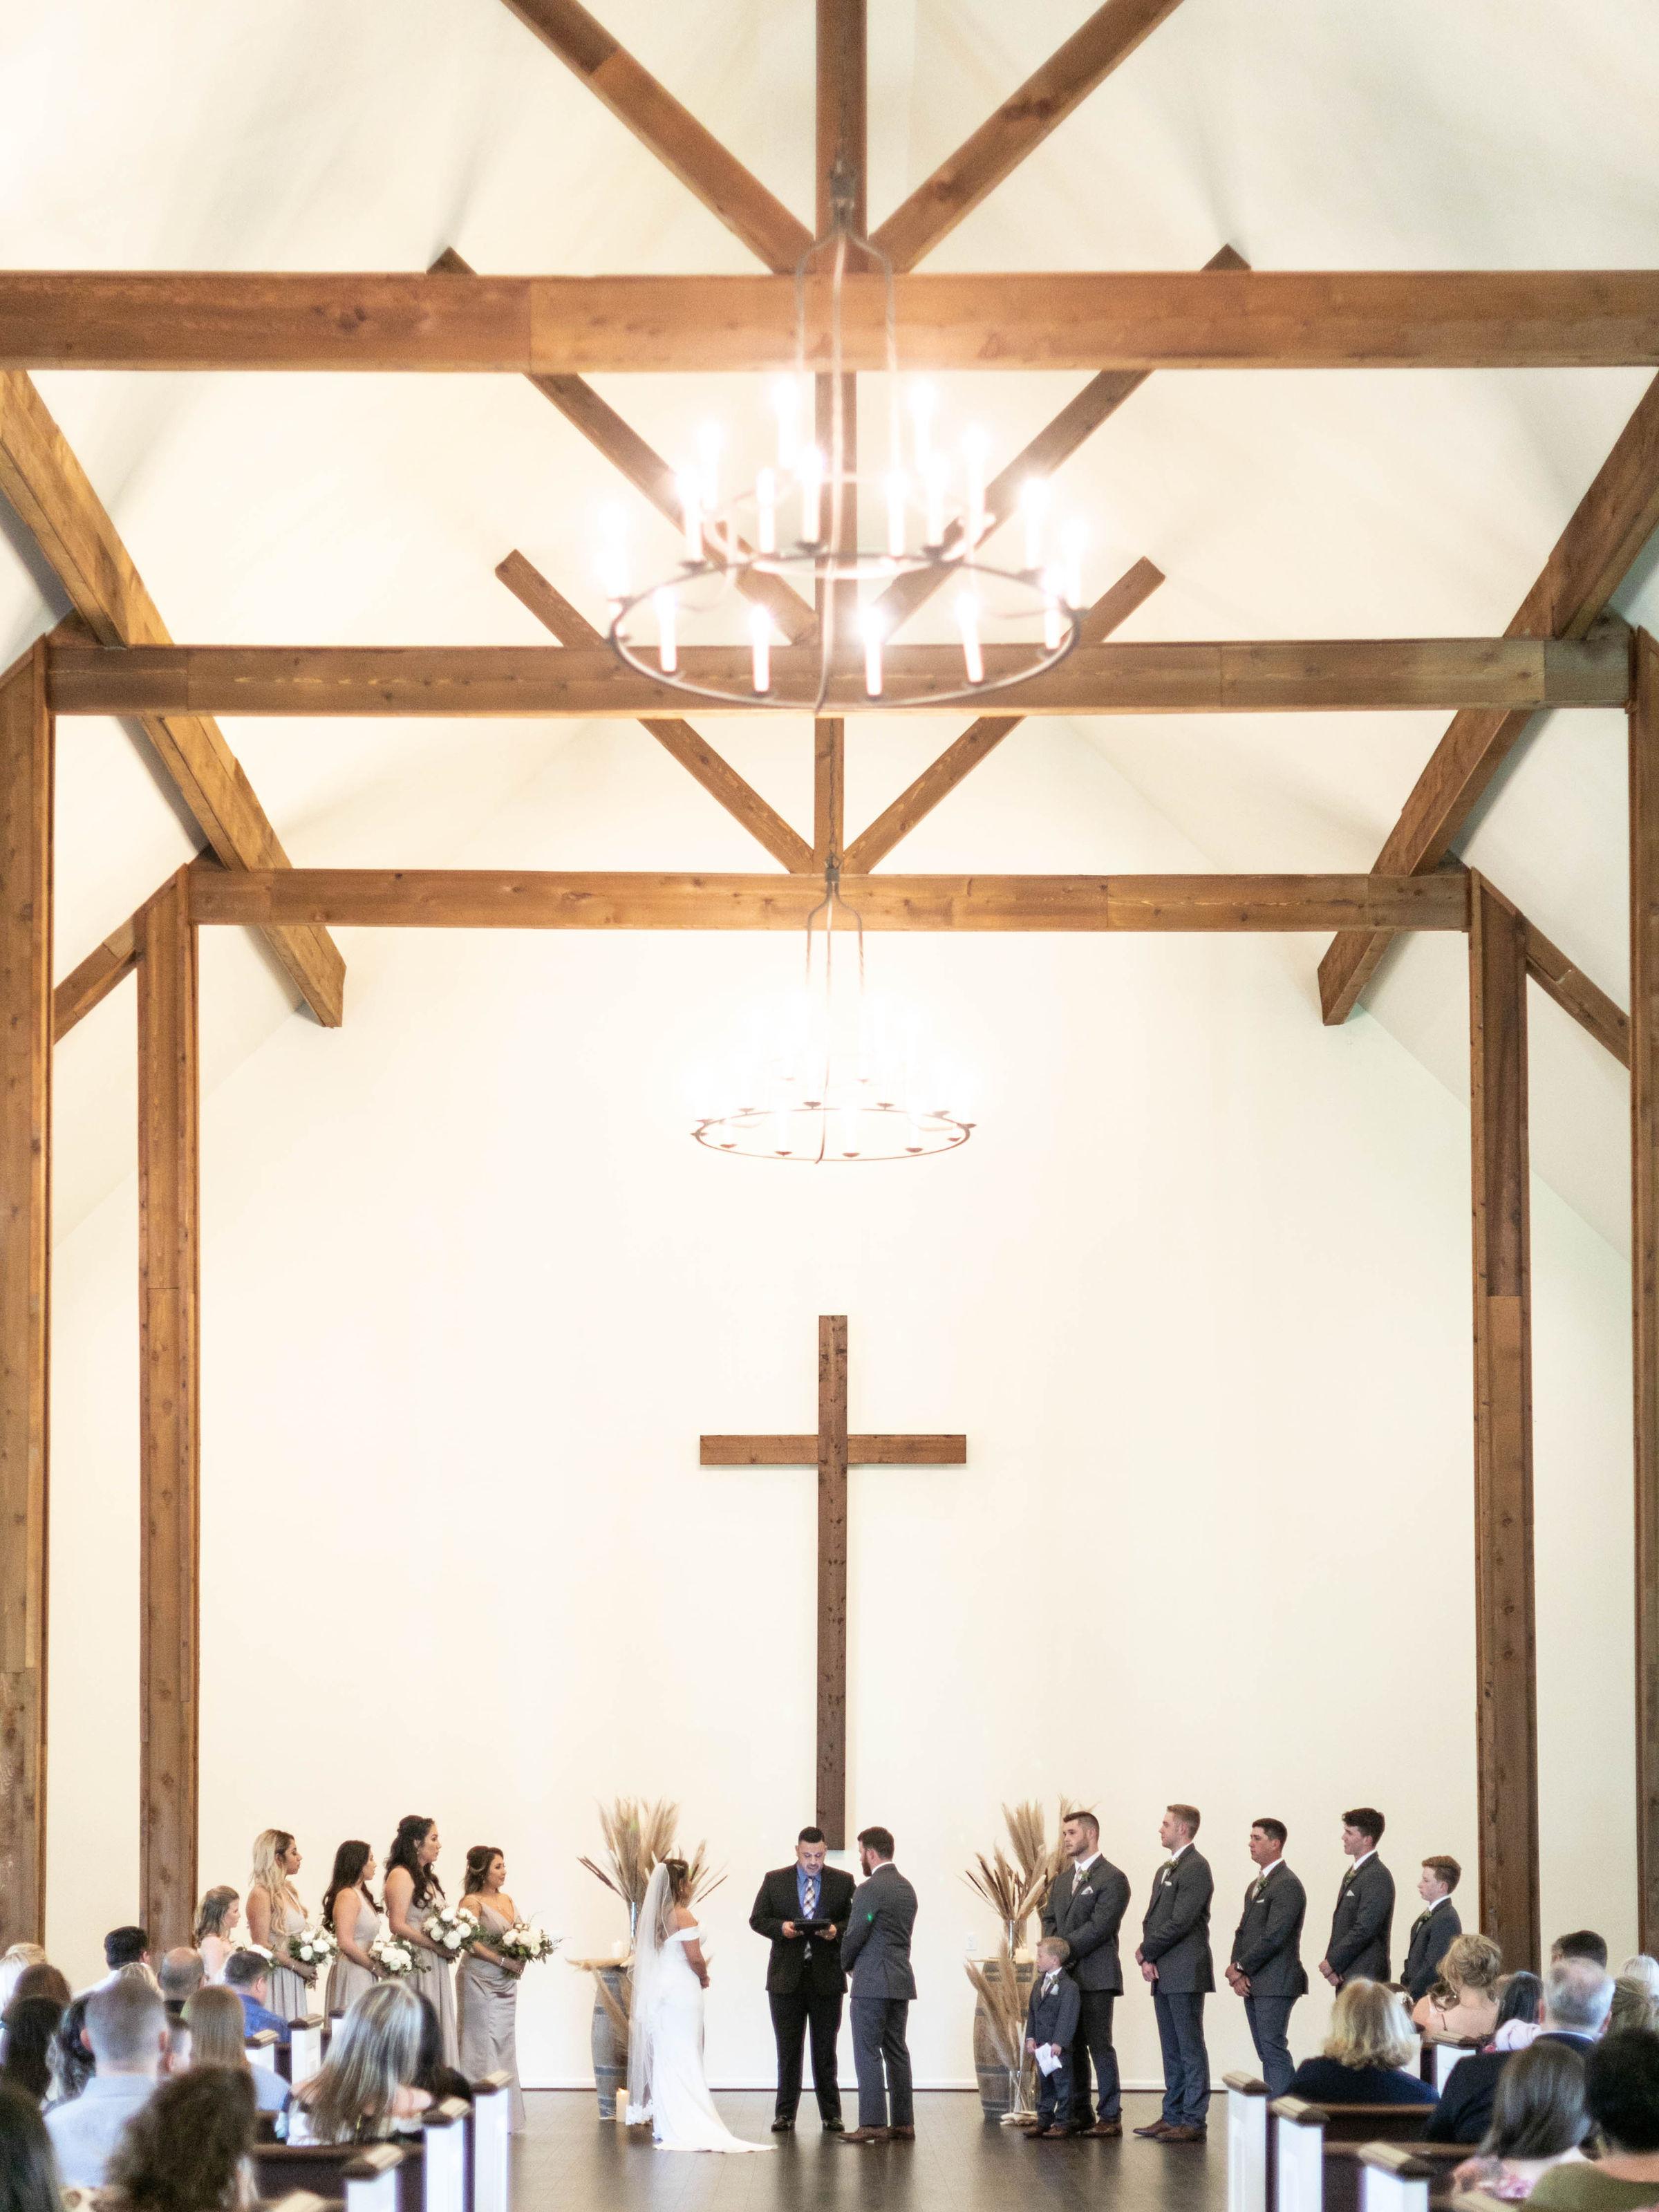 Large+Ceremony+Chapel+%7C+The+Vine+%7C+EPOCH+Co%2B+%7C+Austin+Planner